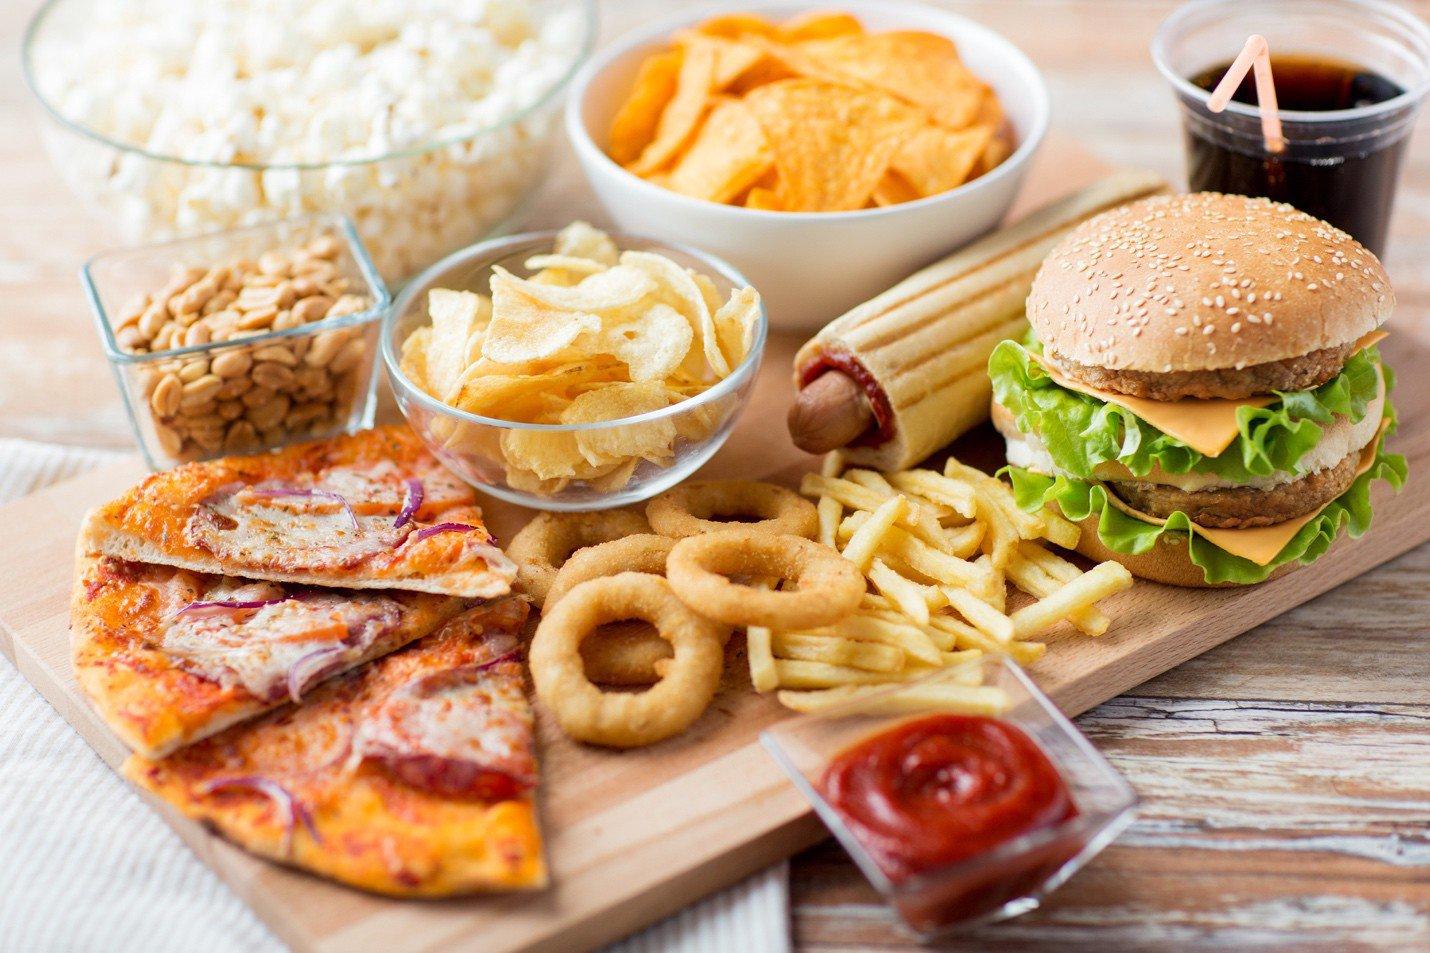 Sản phụ sinh mổ nên kiêng ăn những món nào? | Vinmec